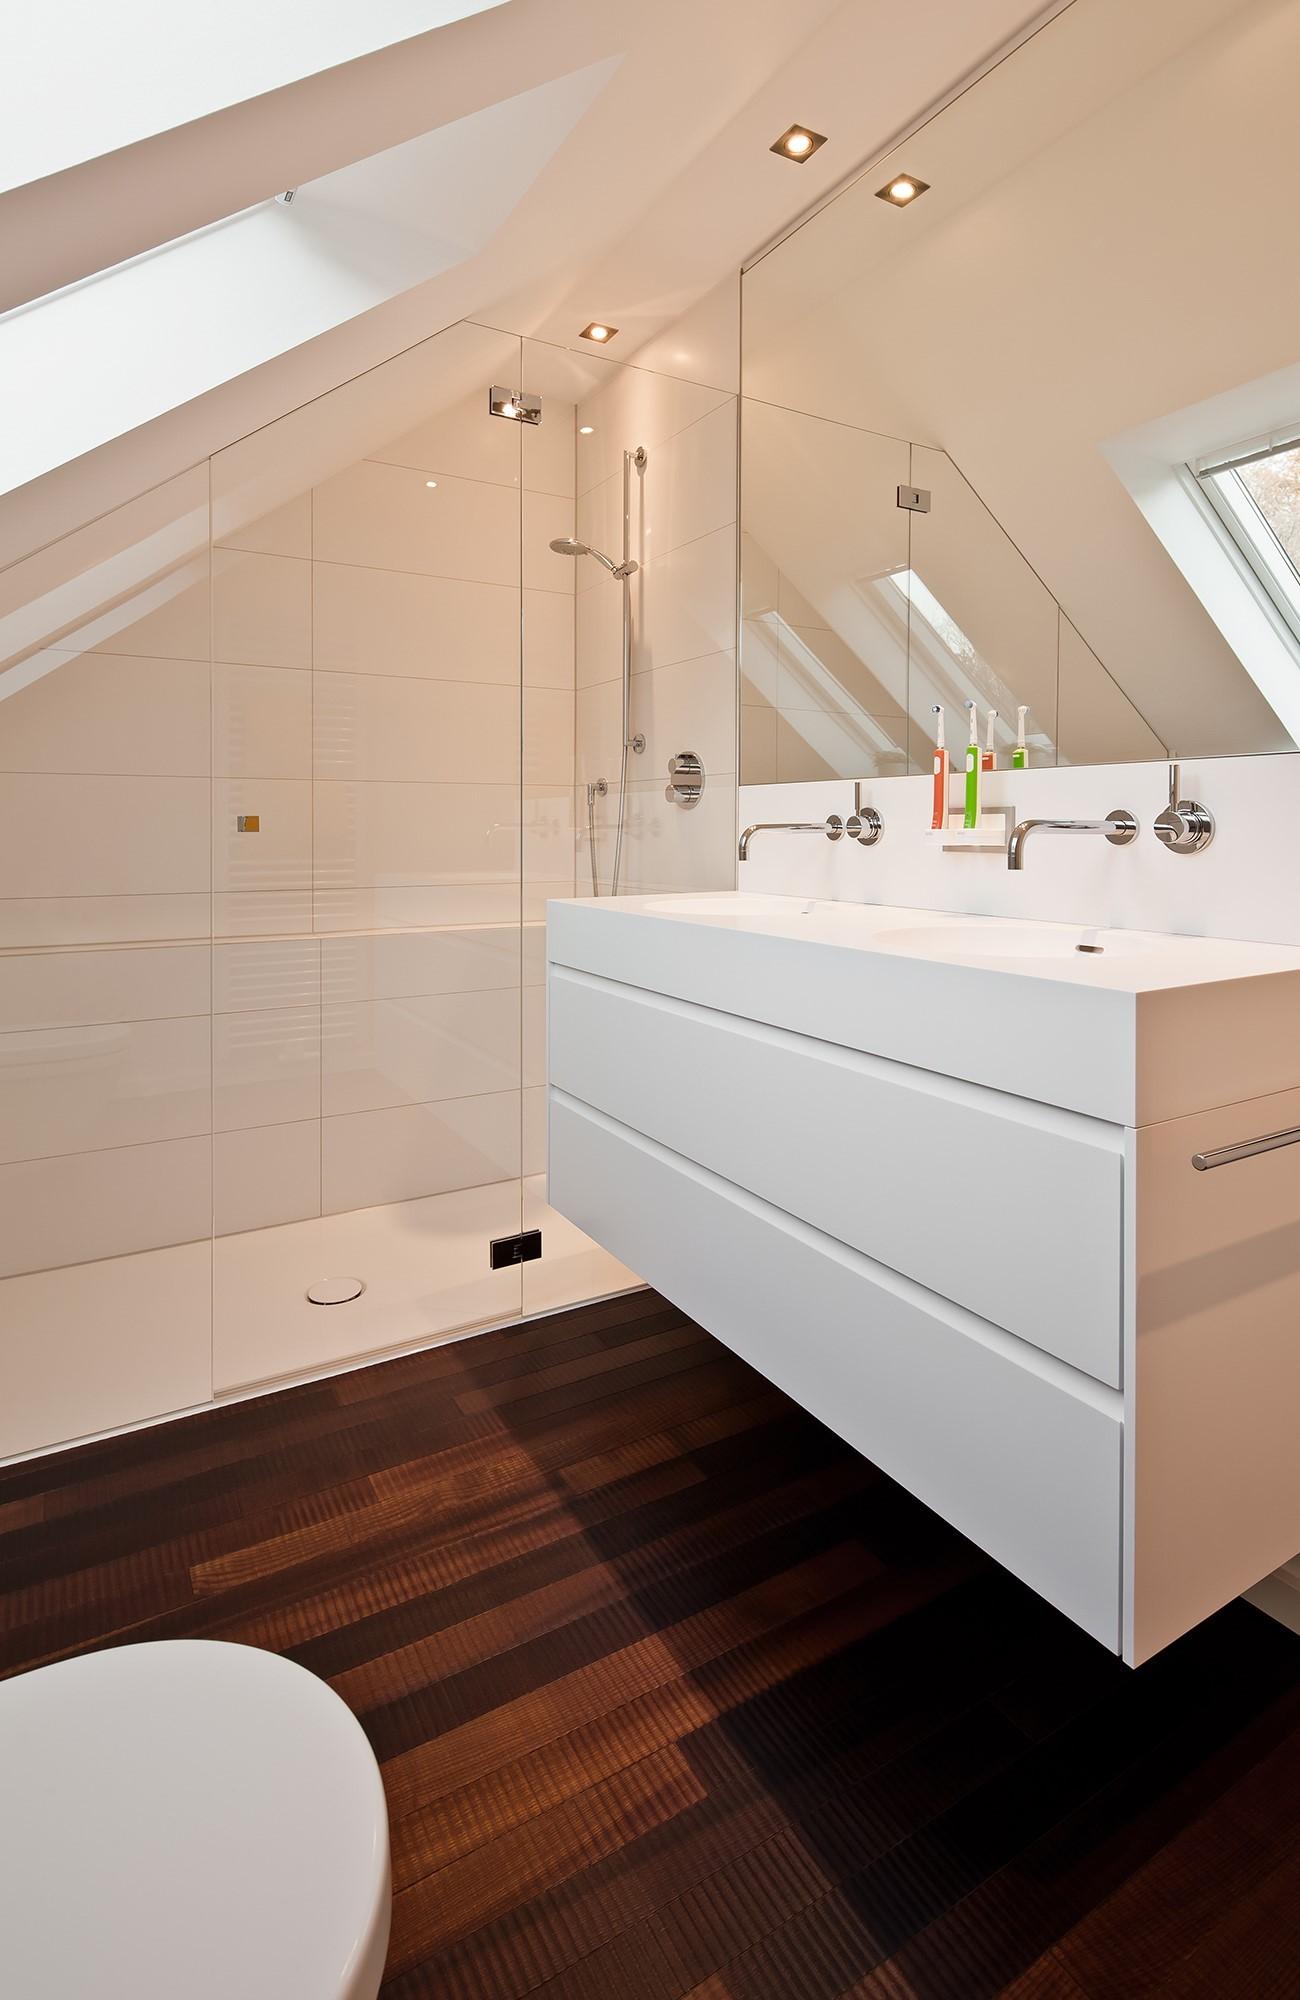 Badezimmer mit Schräge renovieren - Raumfabrik